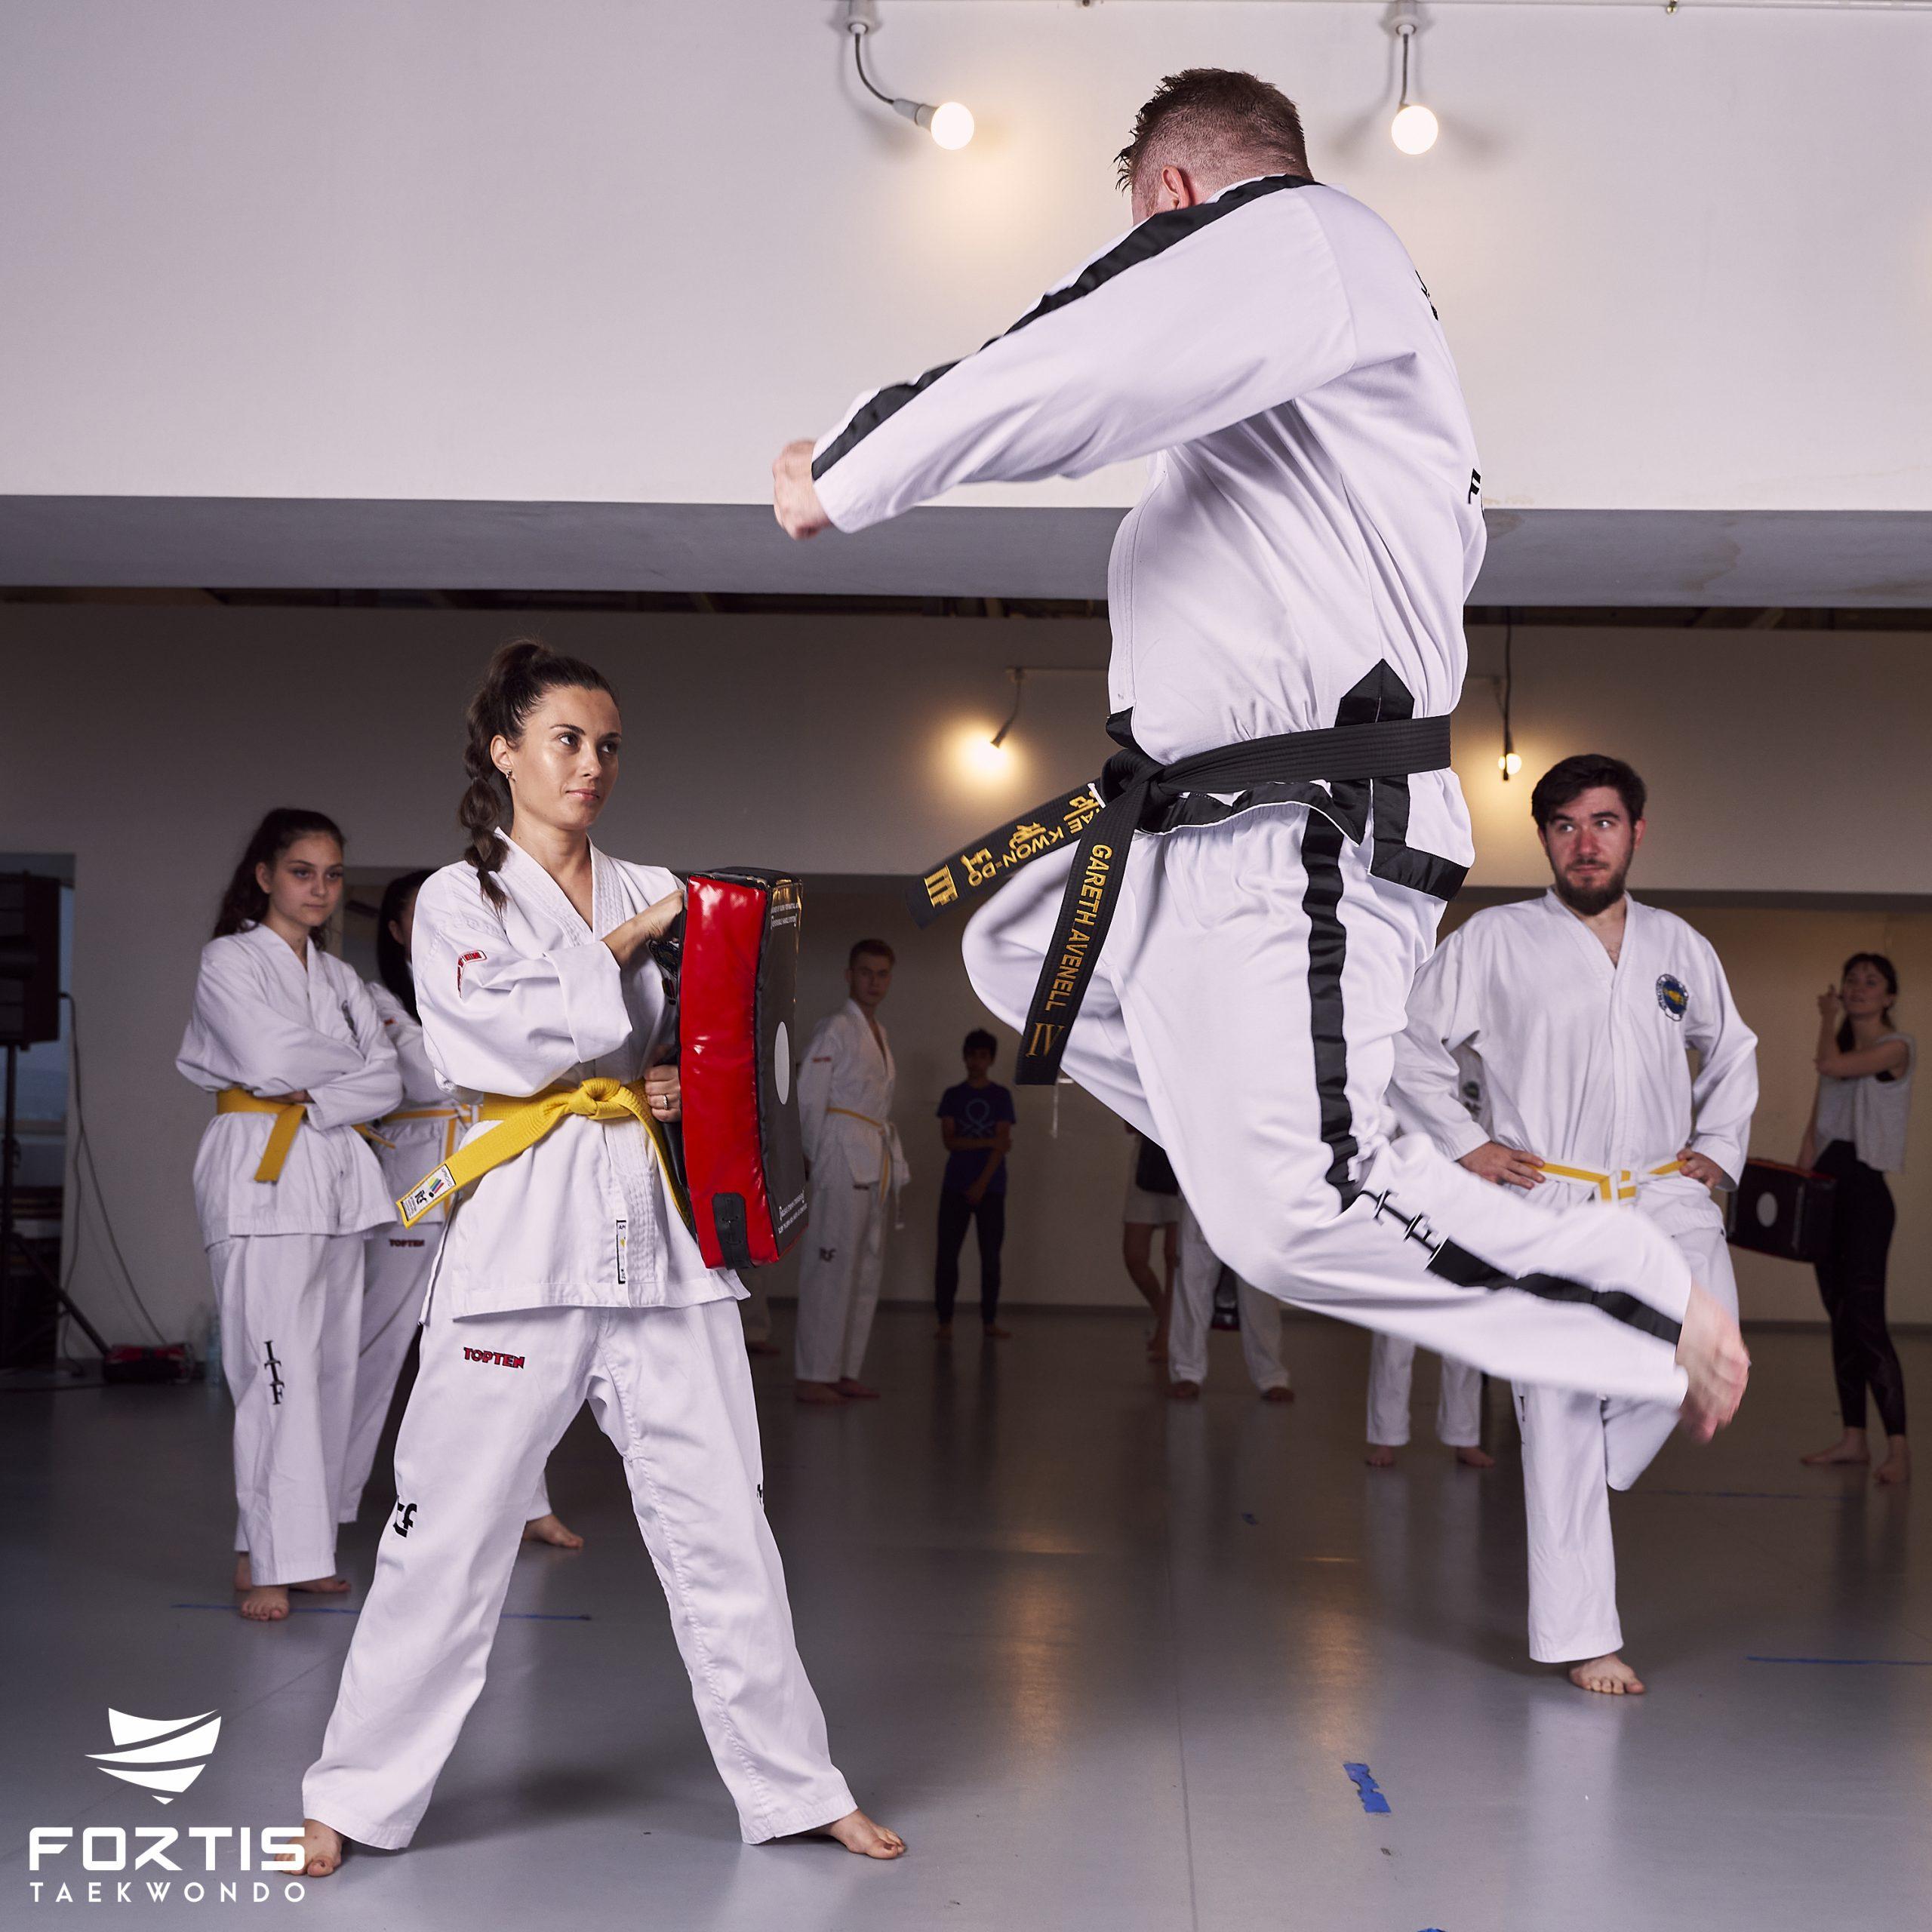 Taekwondo la București cu Gareth. Profesorul englez de științe care s-a îndrăgostit de România și predă arte marțiale în Capitală